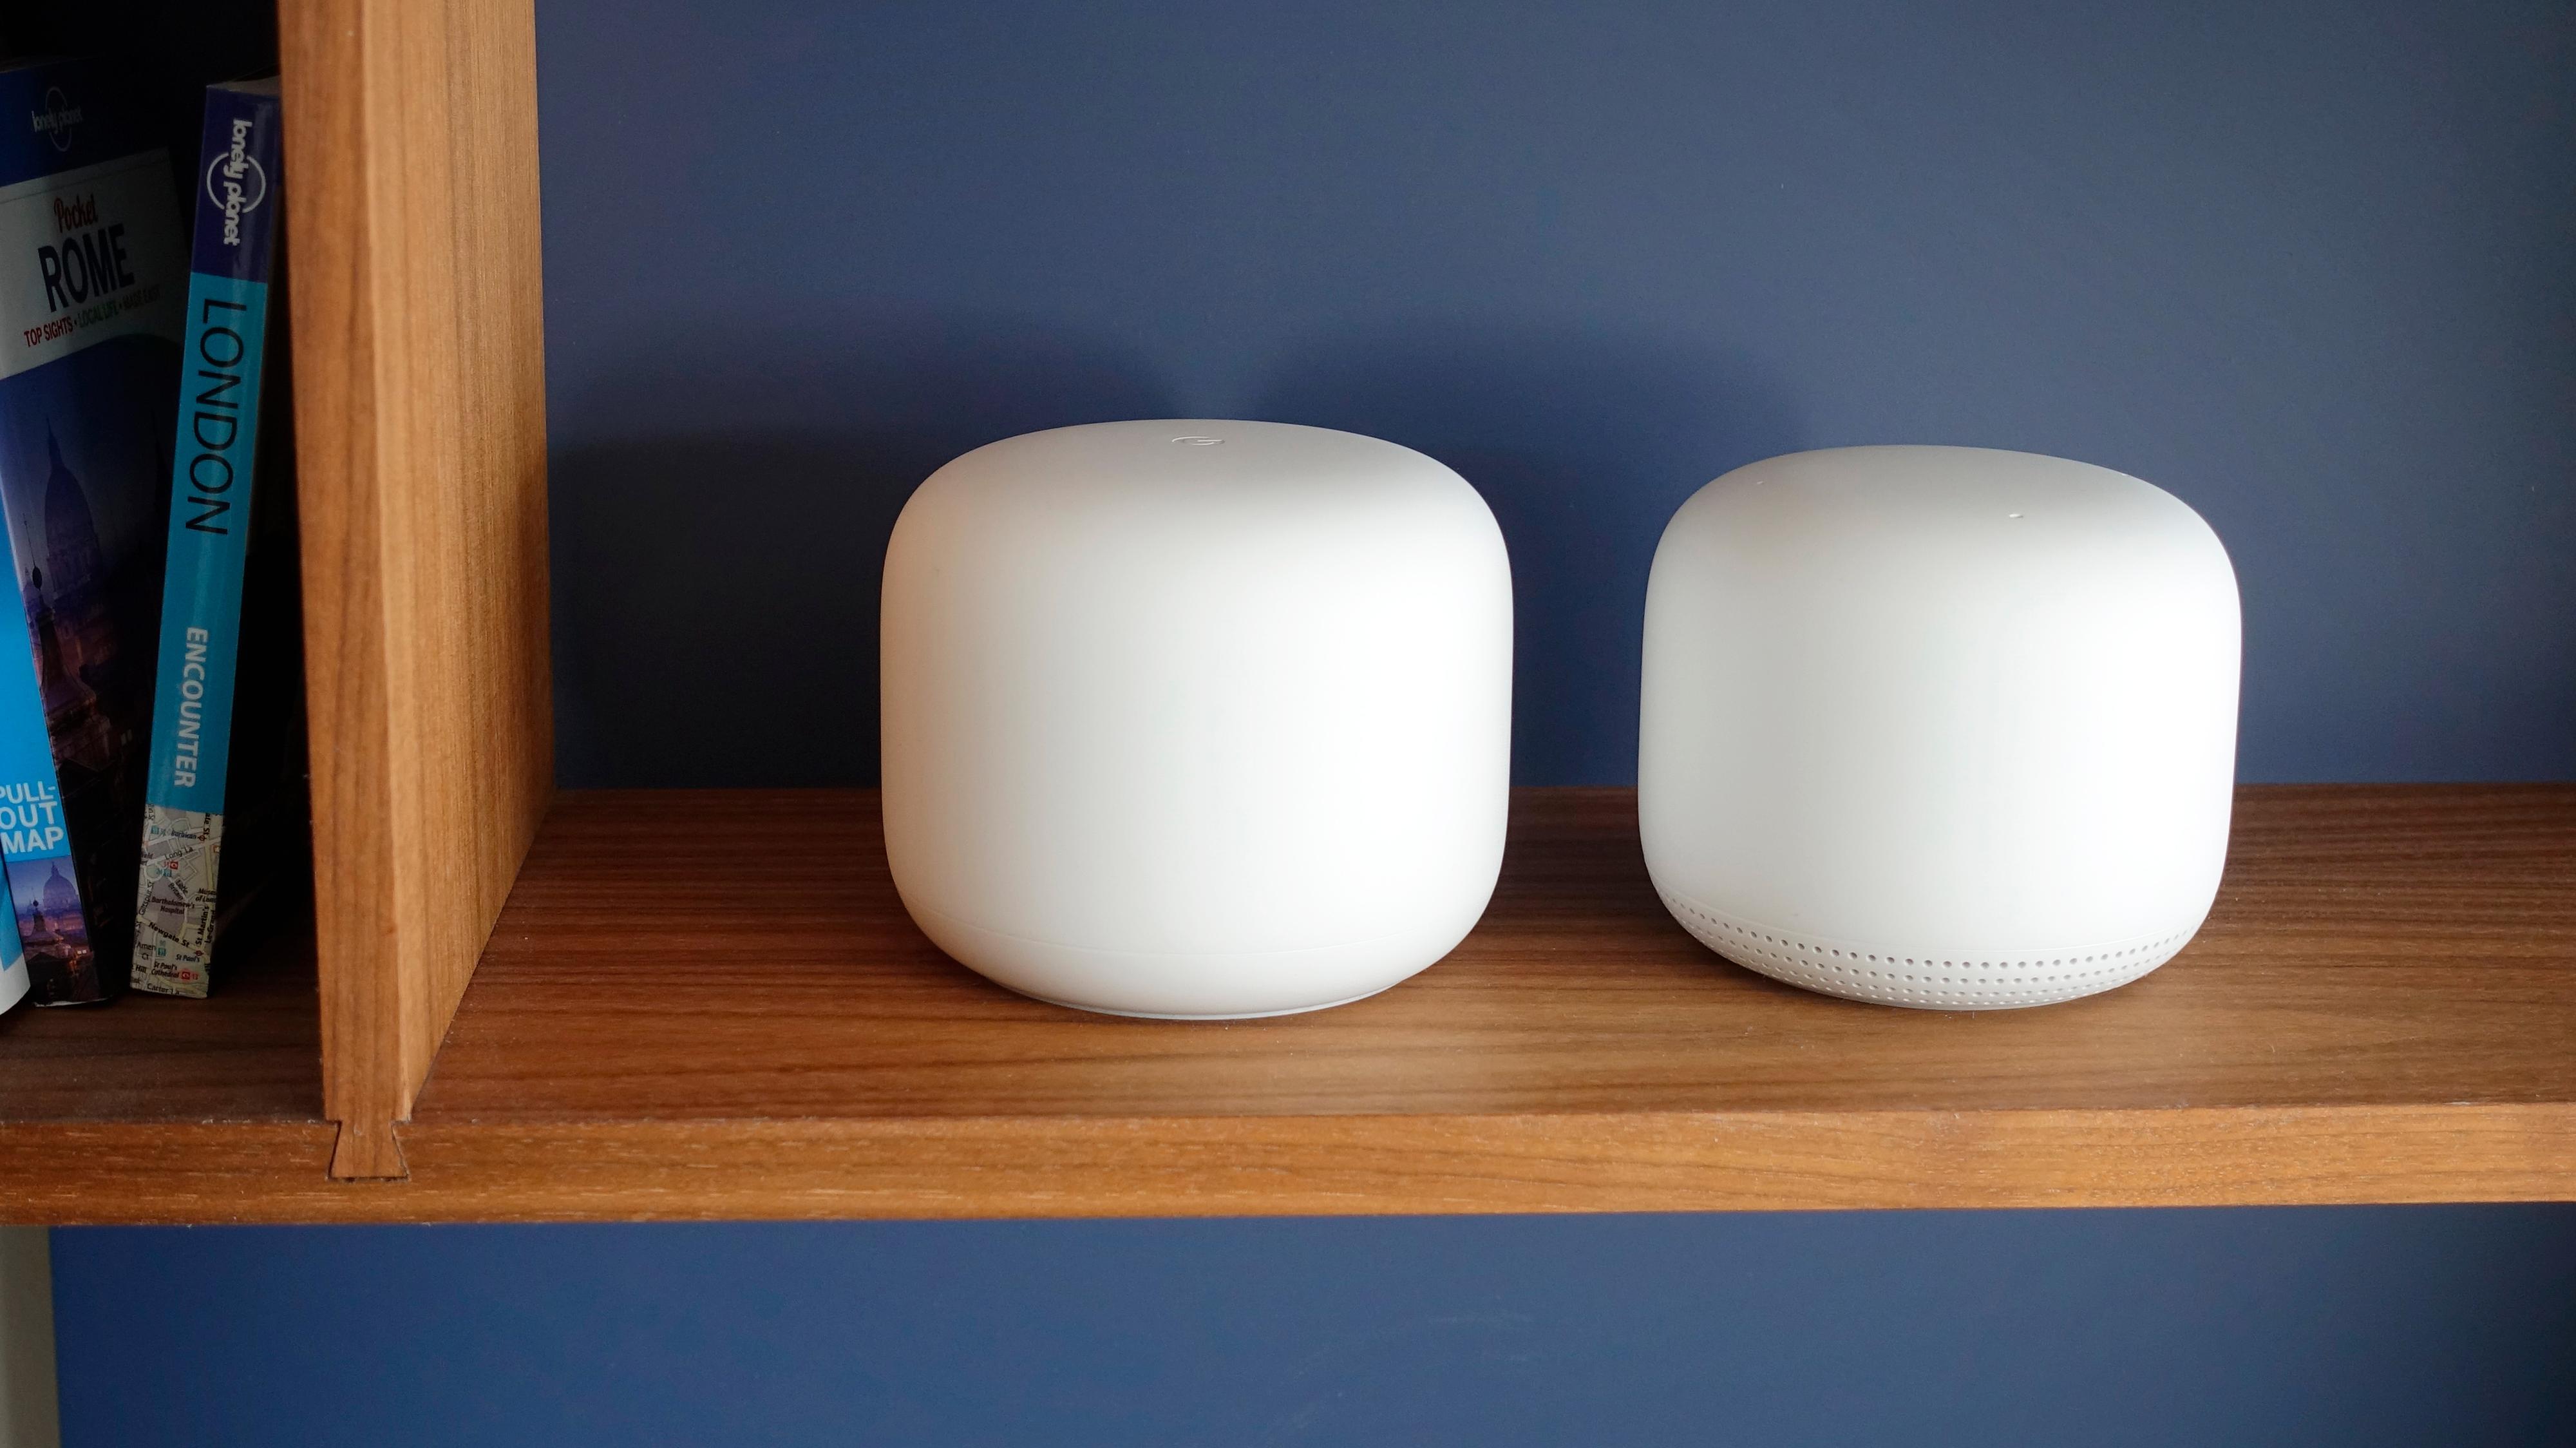 Google har redesignet hele sin wifi-løsning, og i den nye generasjonen er ikke lenger enhetene identiske. Ruteren (til venstre) er nå litt større enn meshpunktene, mens sistnevnte har fått smarthøyttaler innebygget.